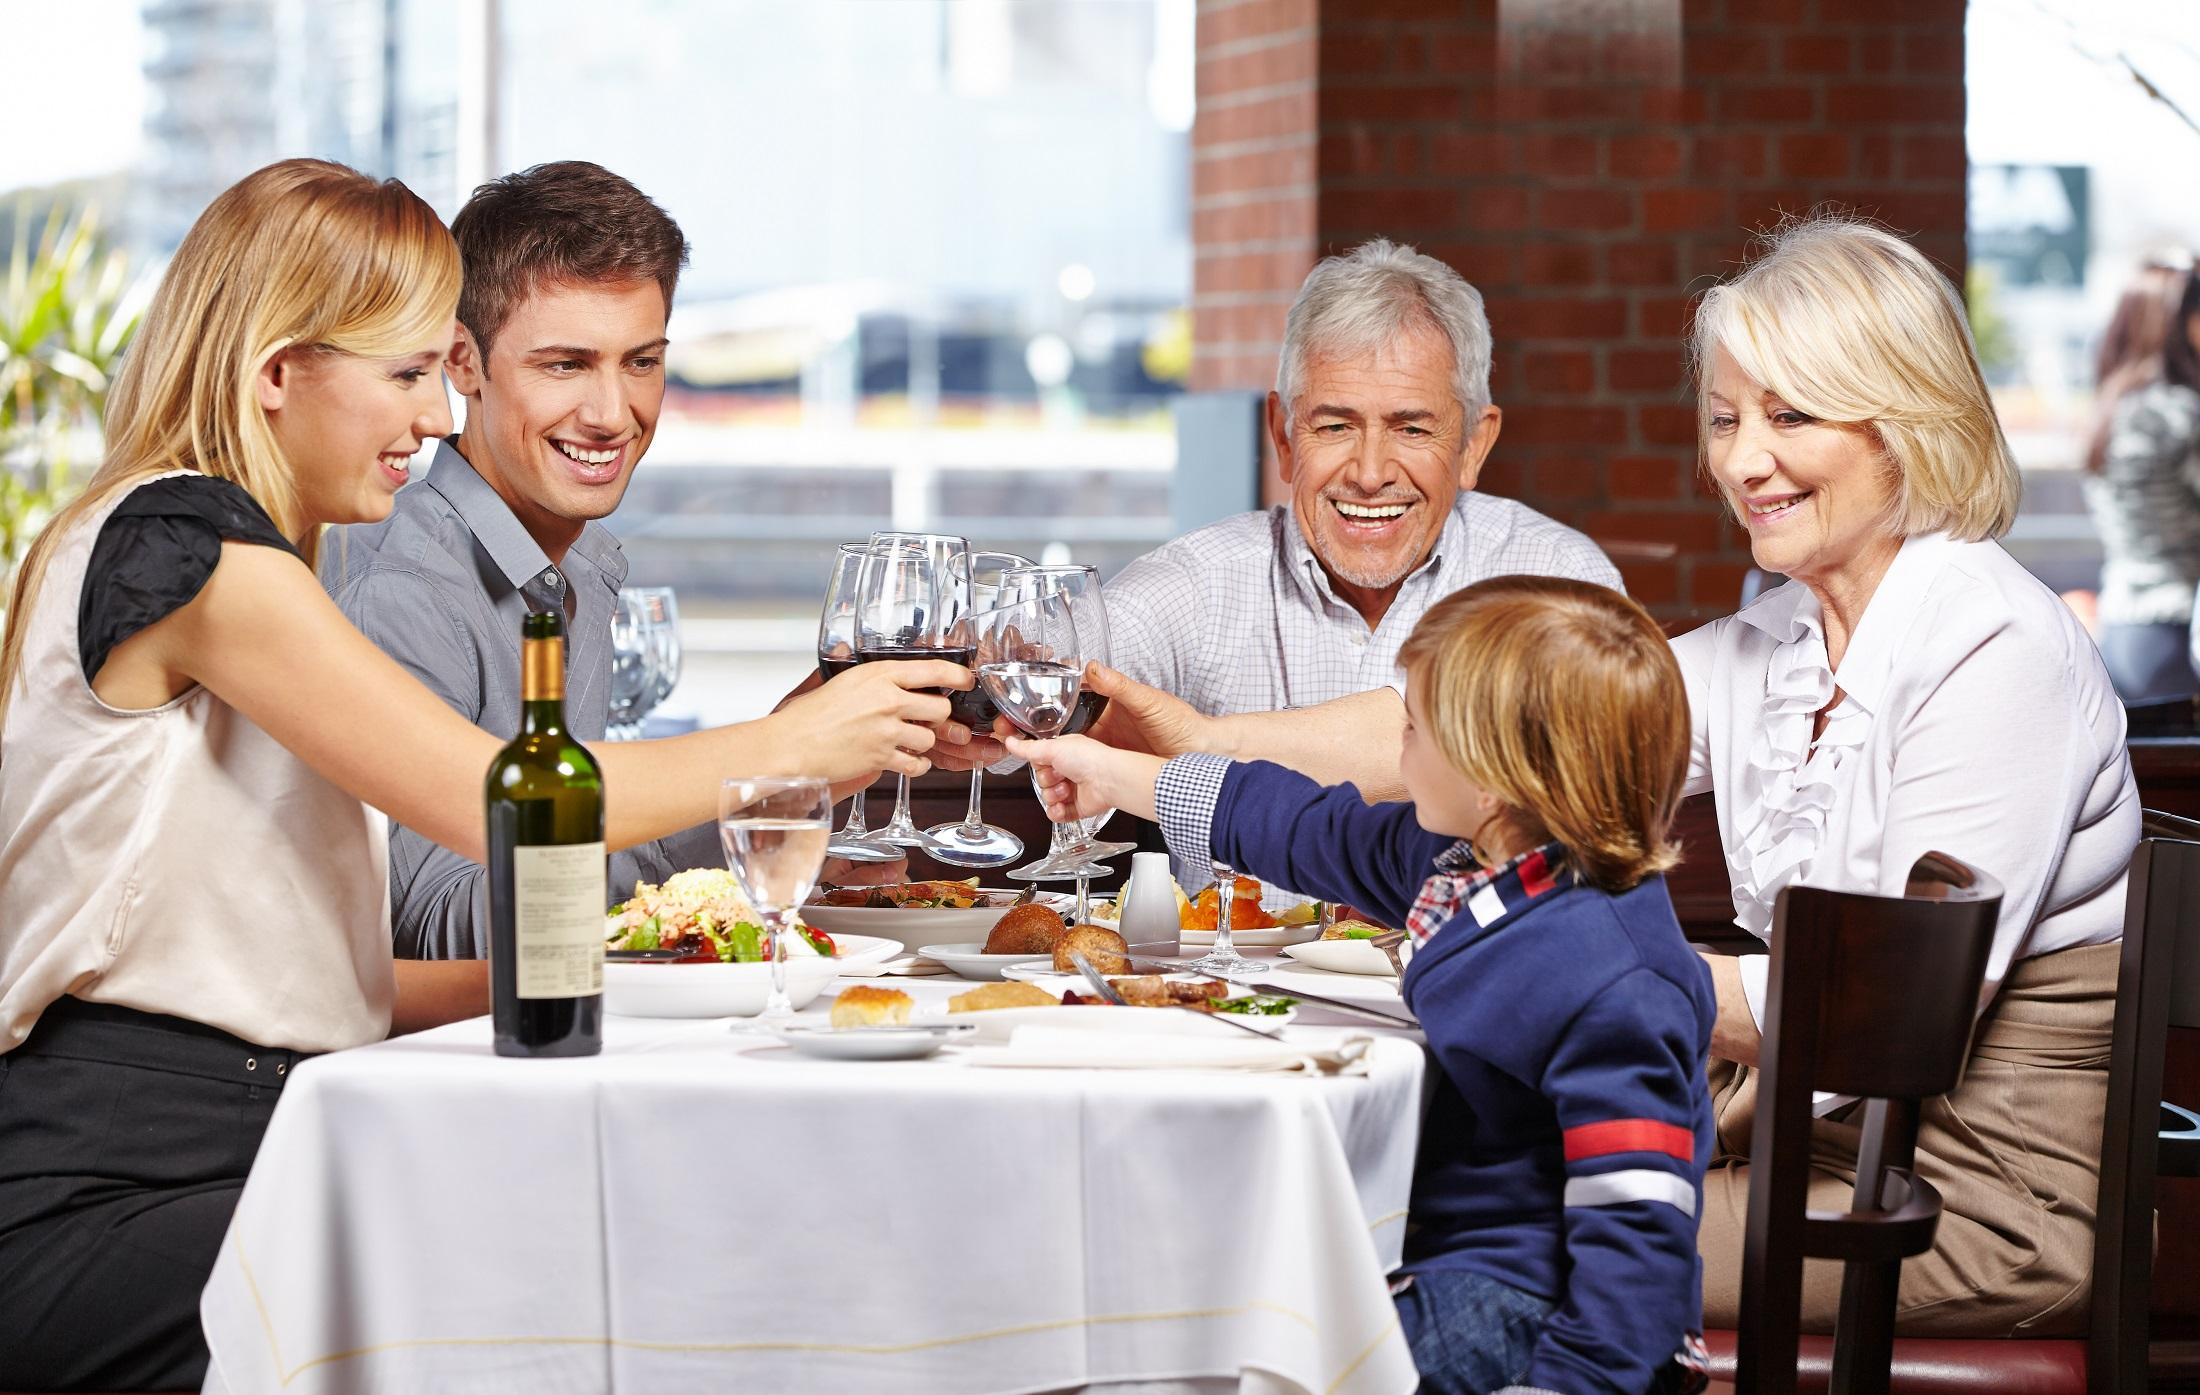 26 restaurants open on thanksgiving day 2015 huffpost for What restaurants are open on thanksgiving